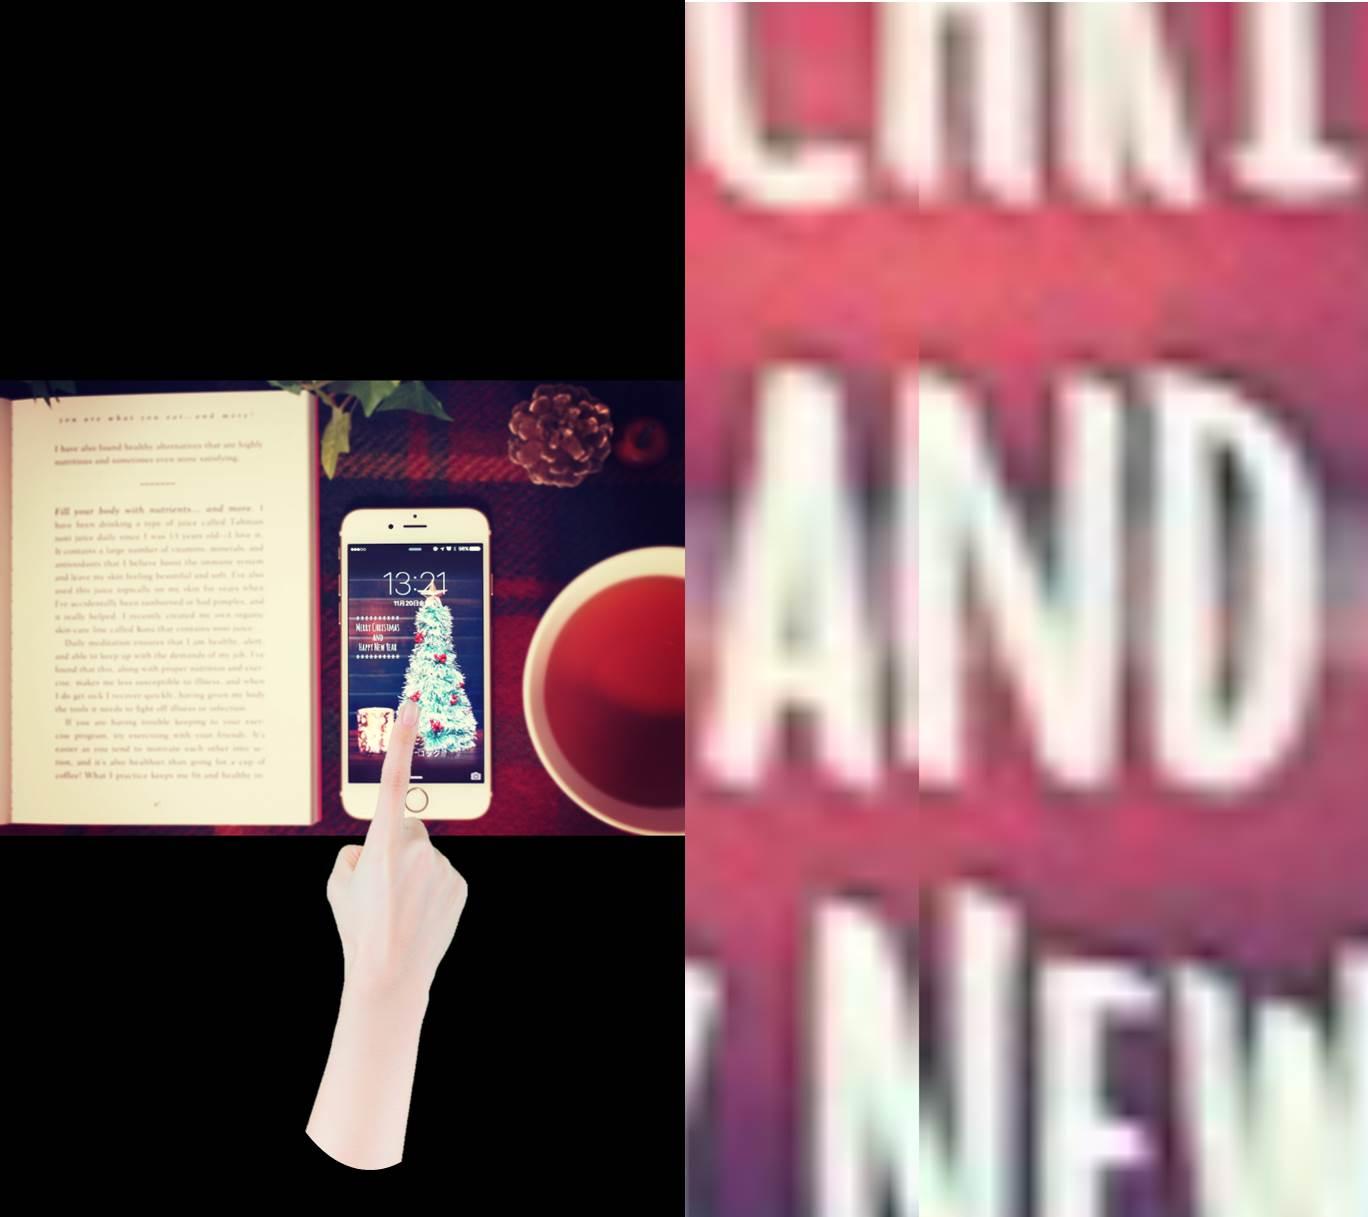 無限に拡大できた-iPhone